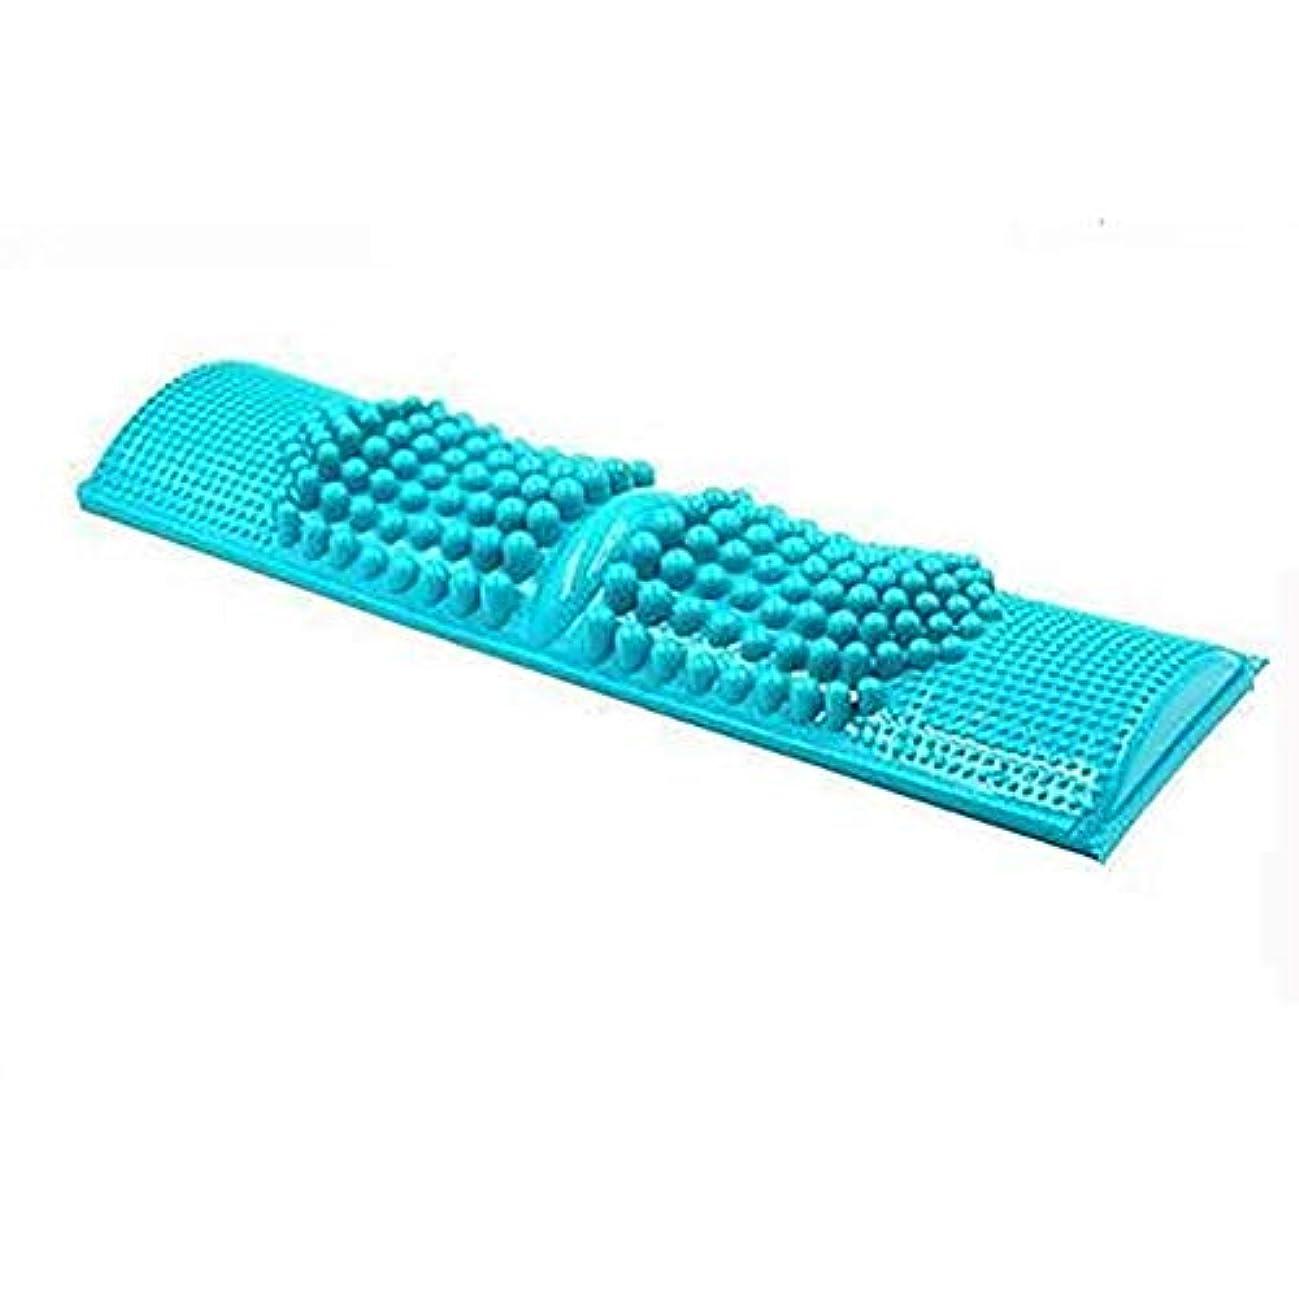 分離する霜ユーモアZXCP 簡単に健康維持 BIGサイズ 足つぼマッサージ 【足つぼ対応表付き】 足 踏み 足裏 刺激 血行促進 (ブルー)